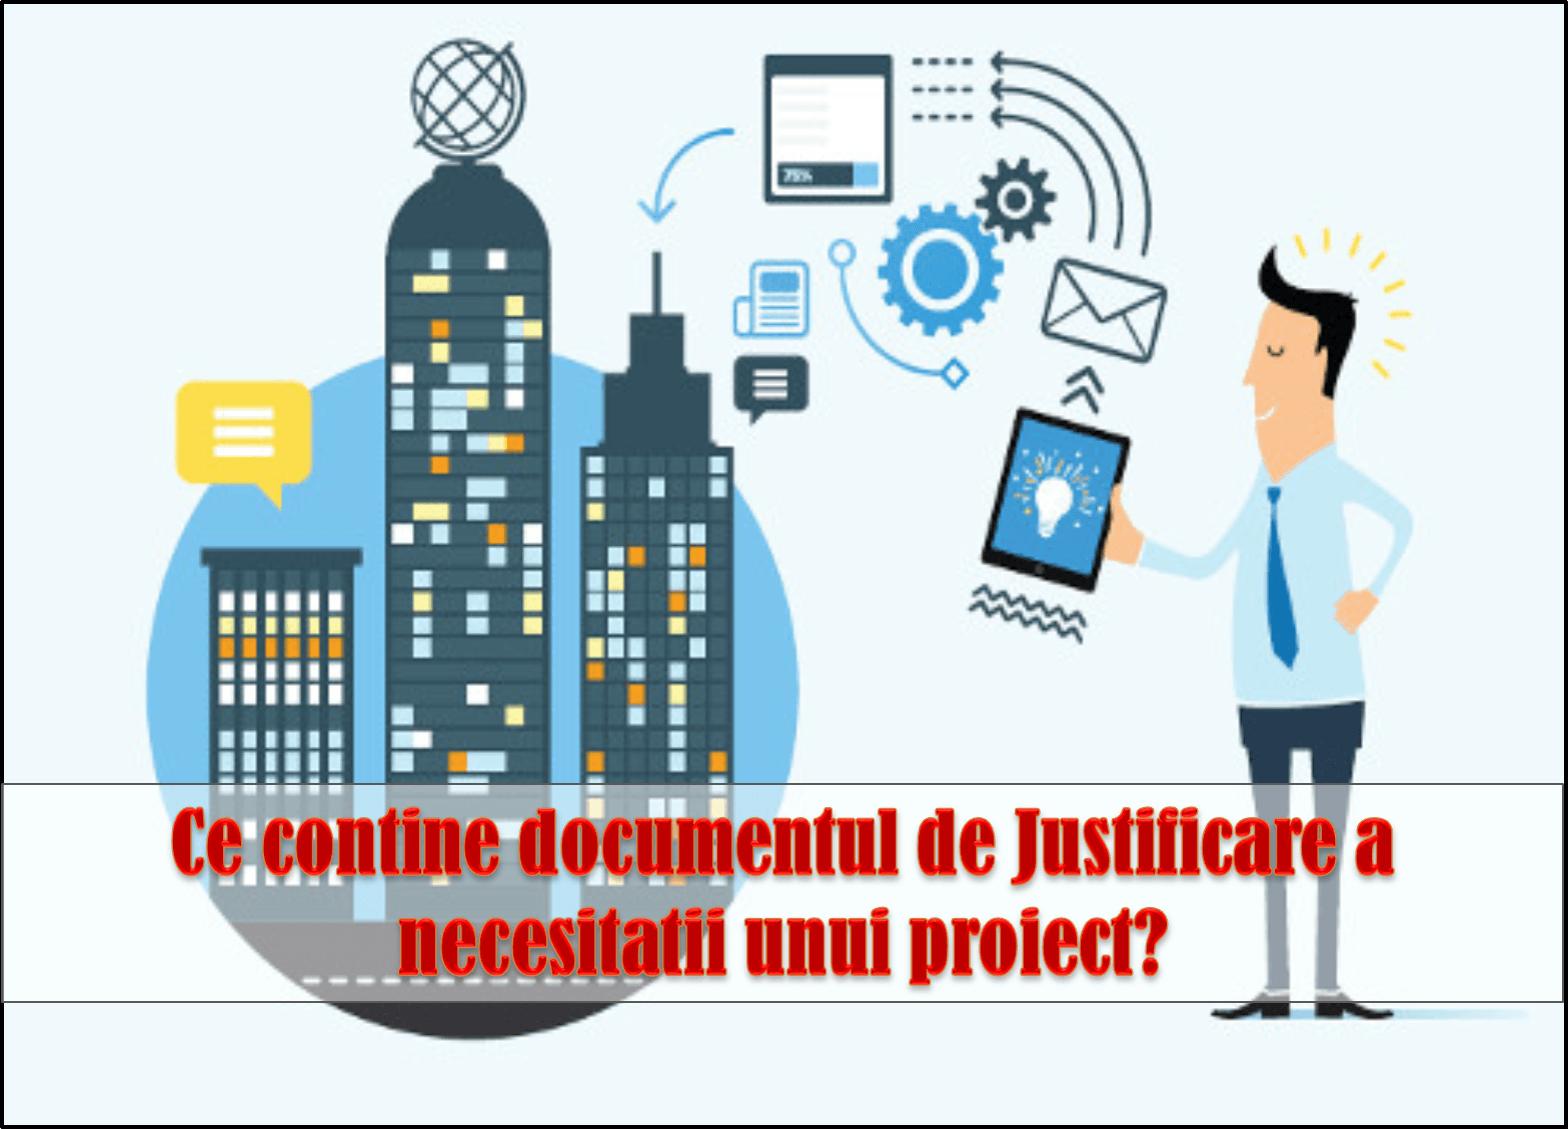 business case; proiect; managementul de proiect; justificarea proiectului